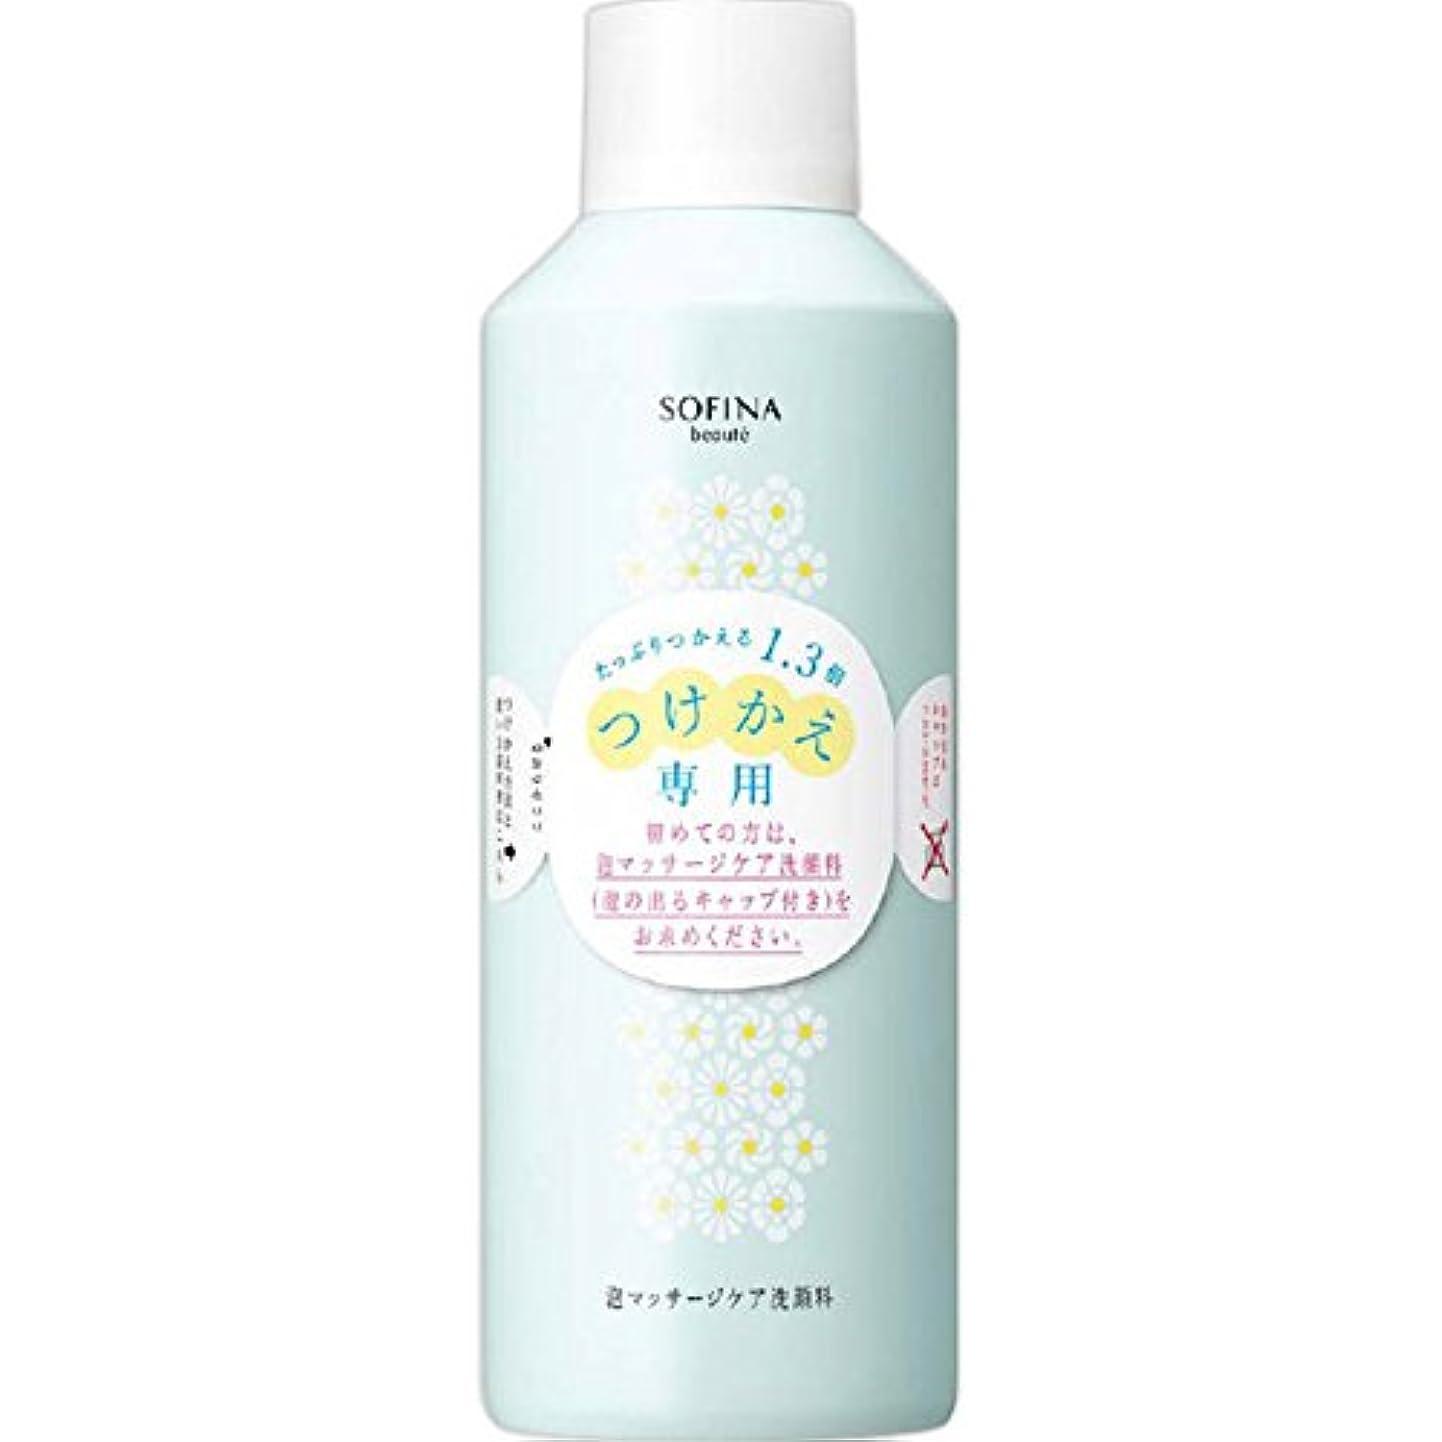 時万一に備えて注釈を付ける花王ソフィーナ ボーテ 泡マッサージケア洗顔料 つけかえ専用230g